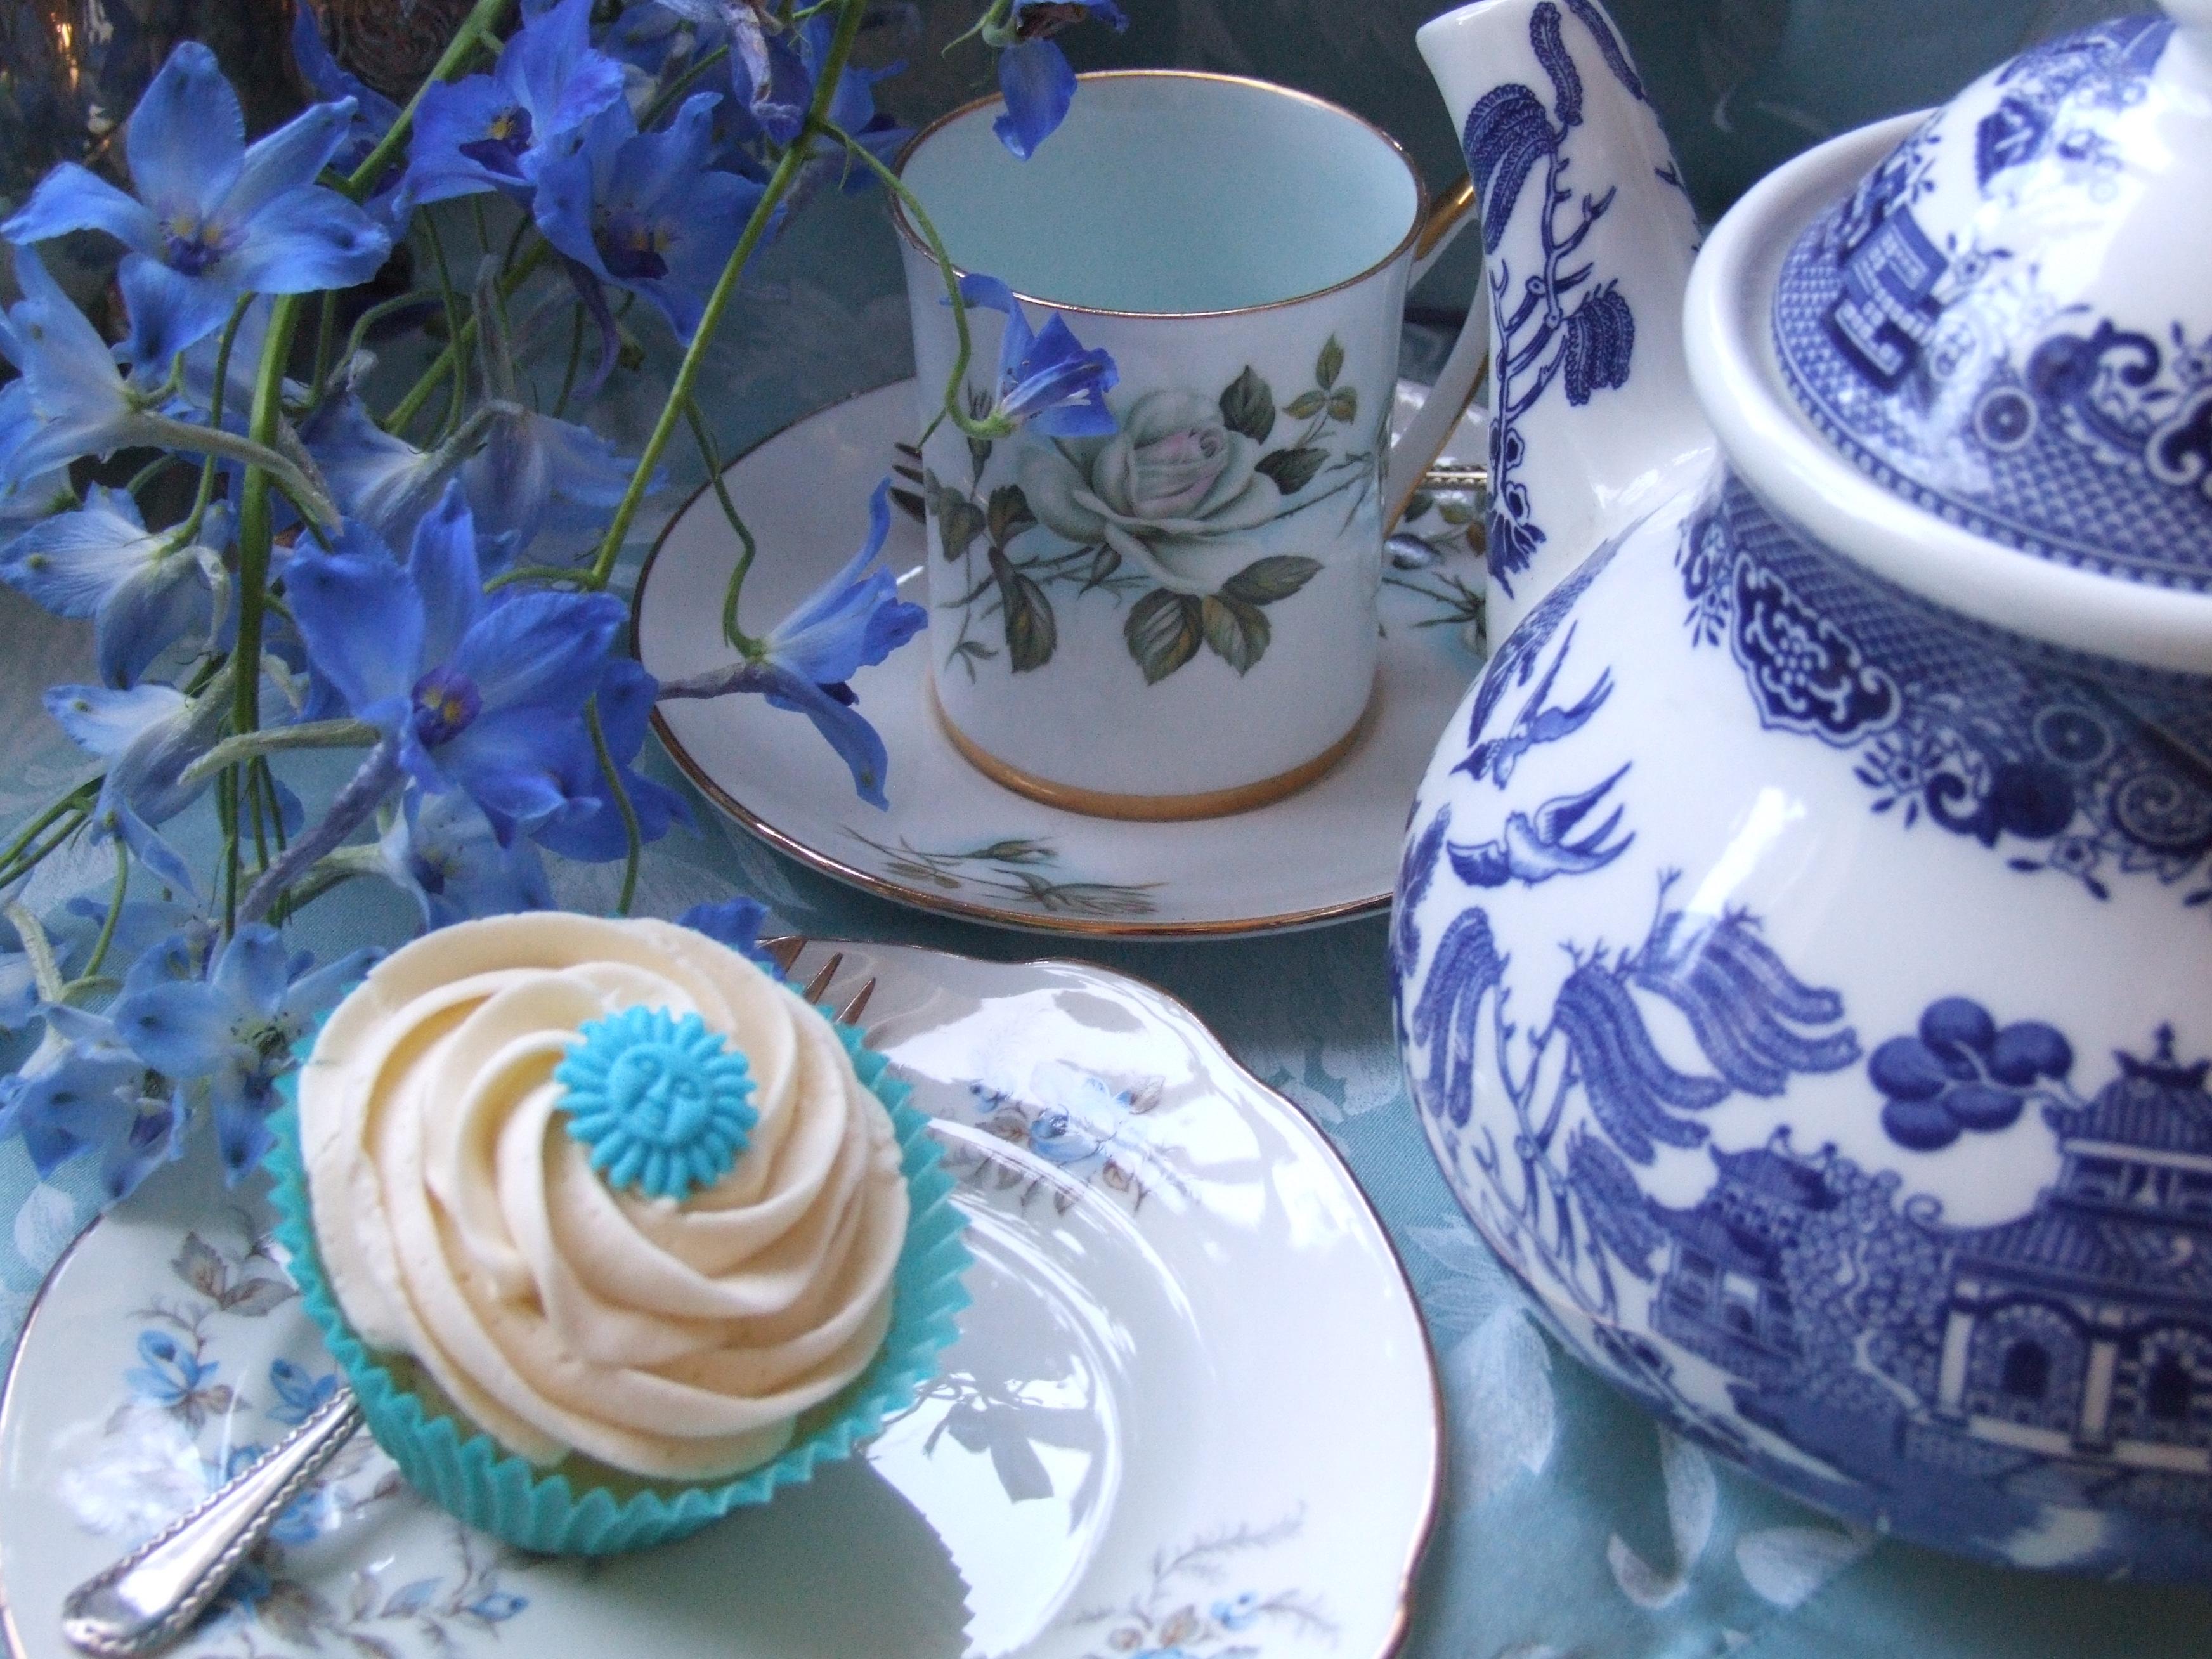 Eames Vintage Tea Party Hire